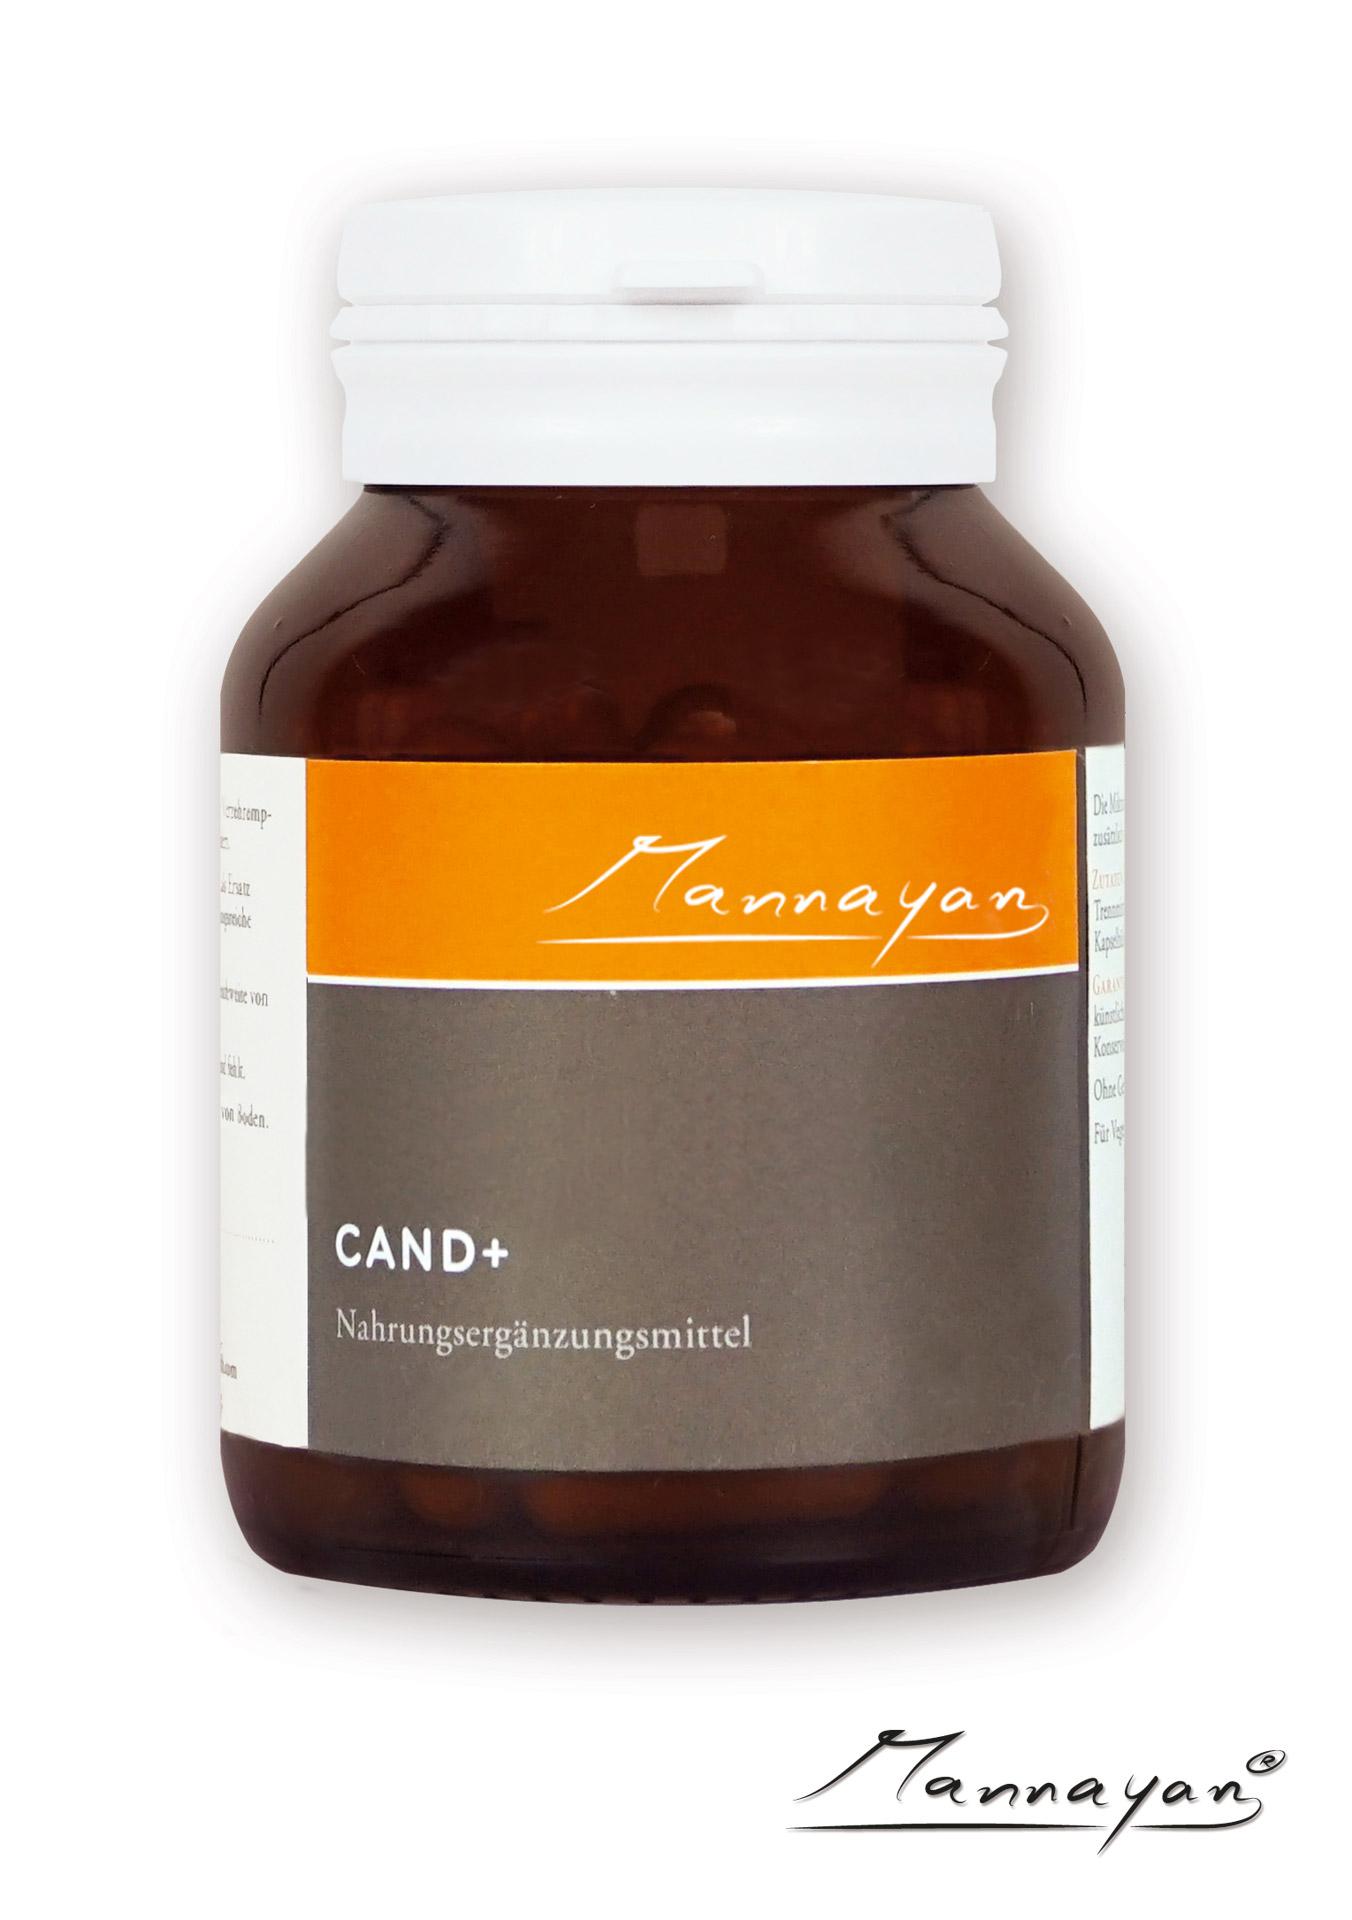 Cand+ von Mannayan